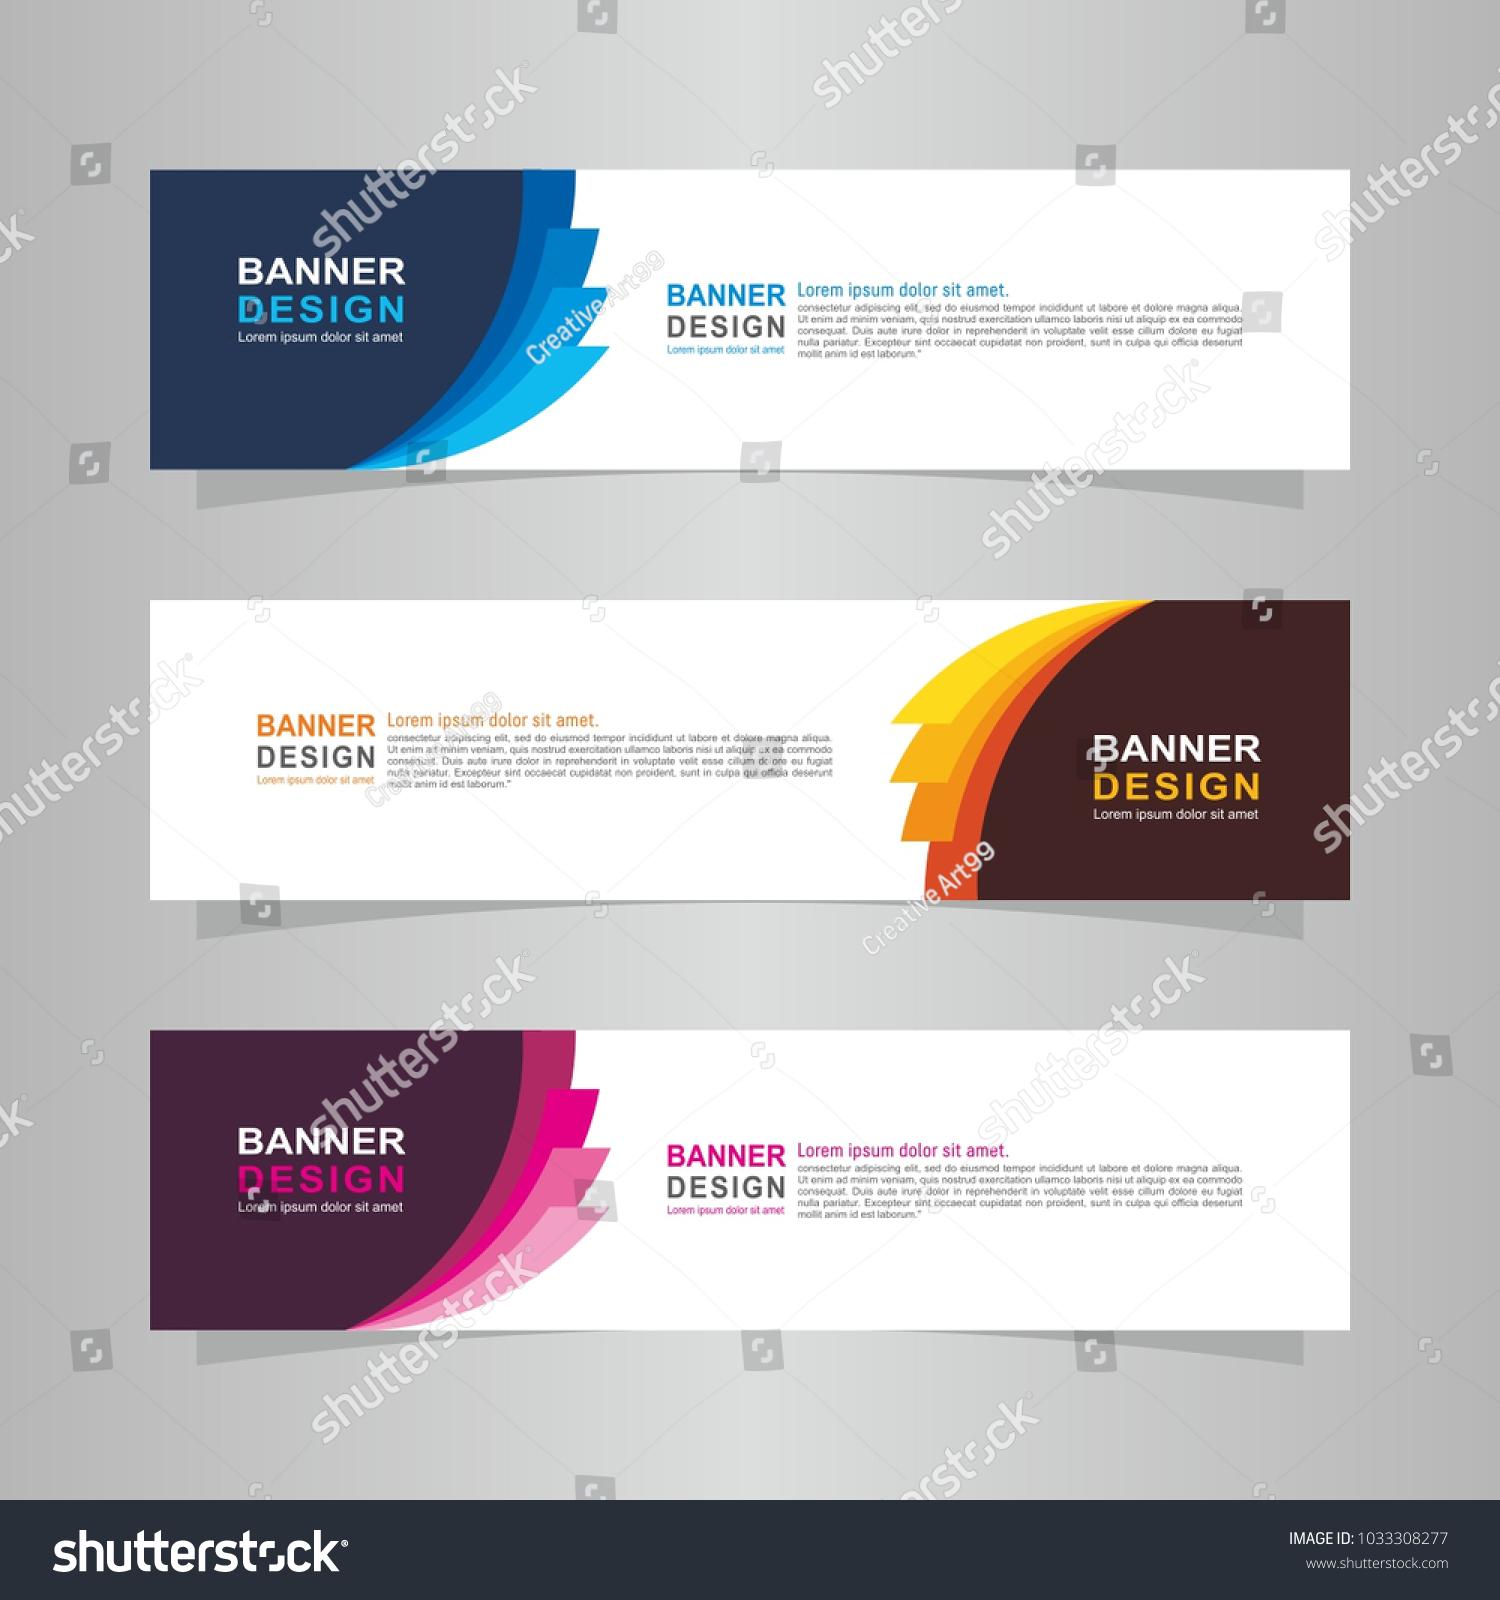 Nett Druckbare Etikettenvorlagen Fotos - Entry Level Resume Vorlagen ...